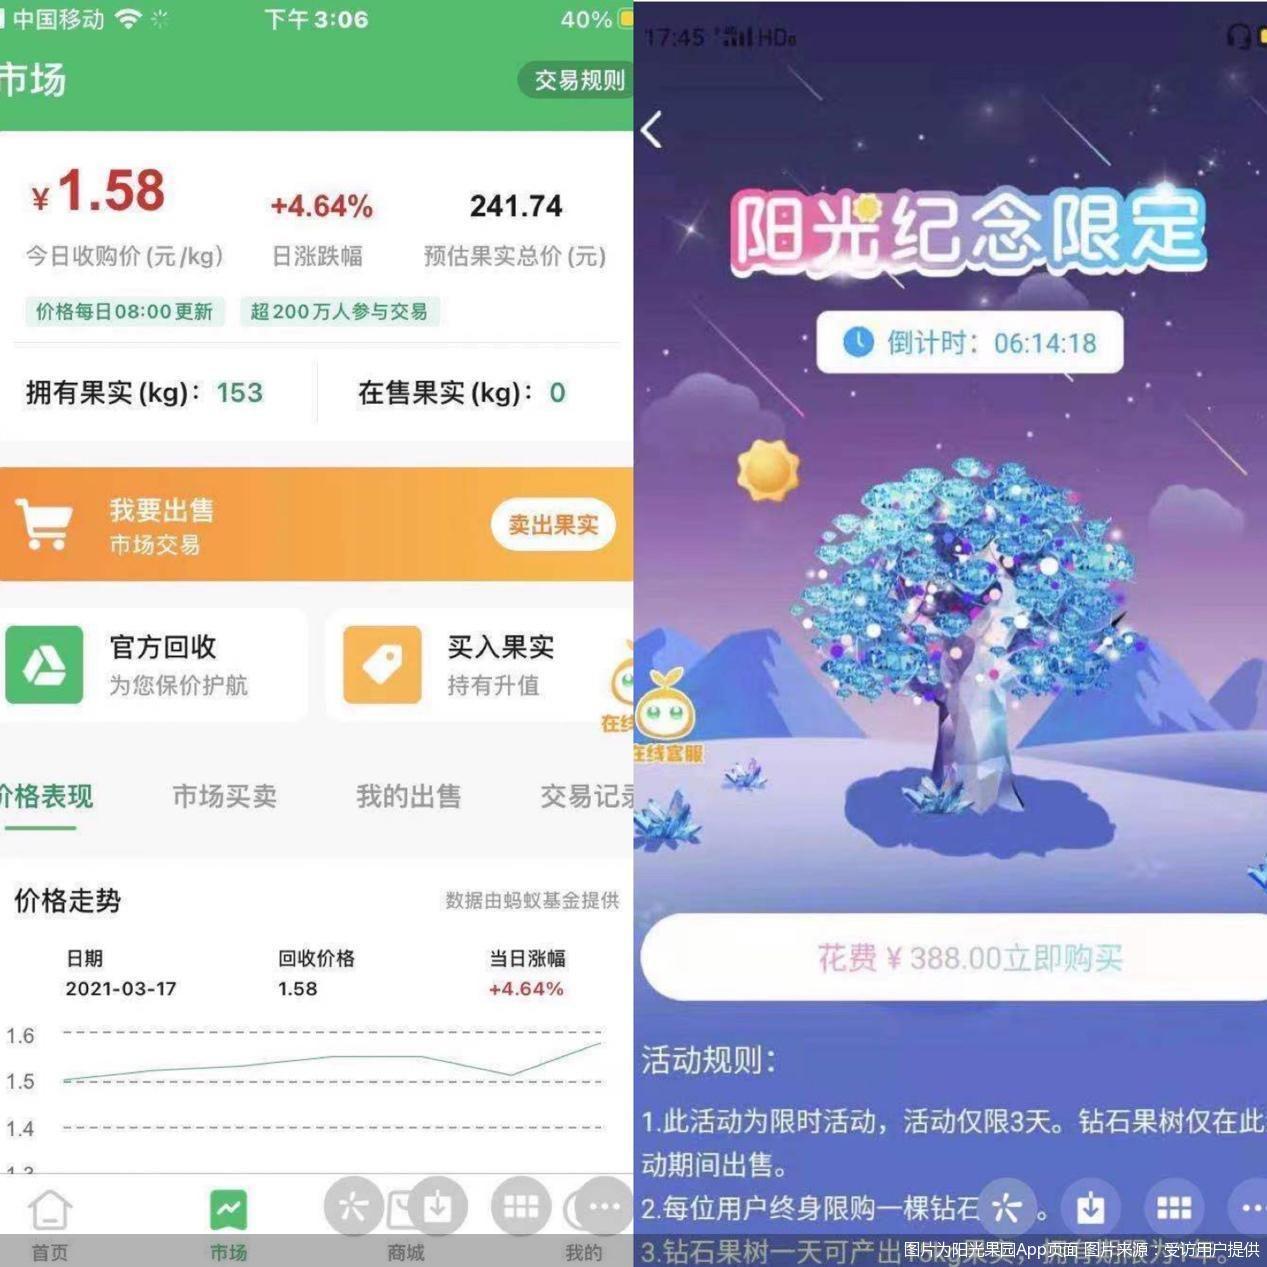 图片为阳光果园App页面 图片来源:受访用户提供